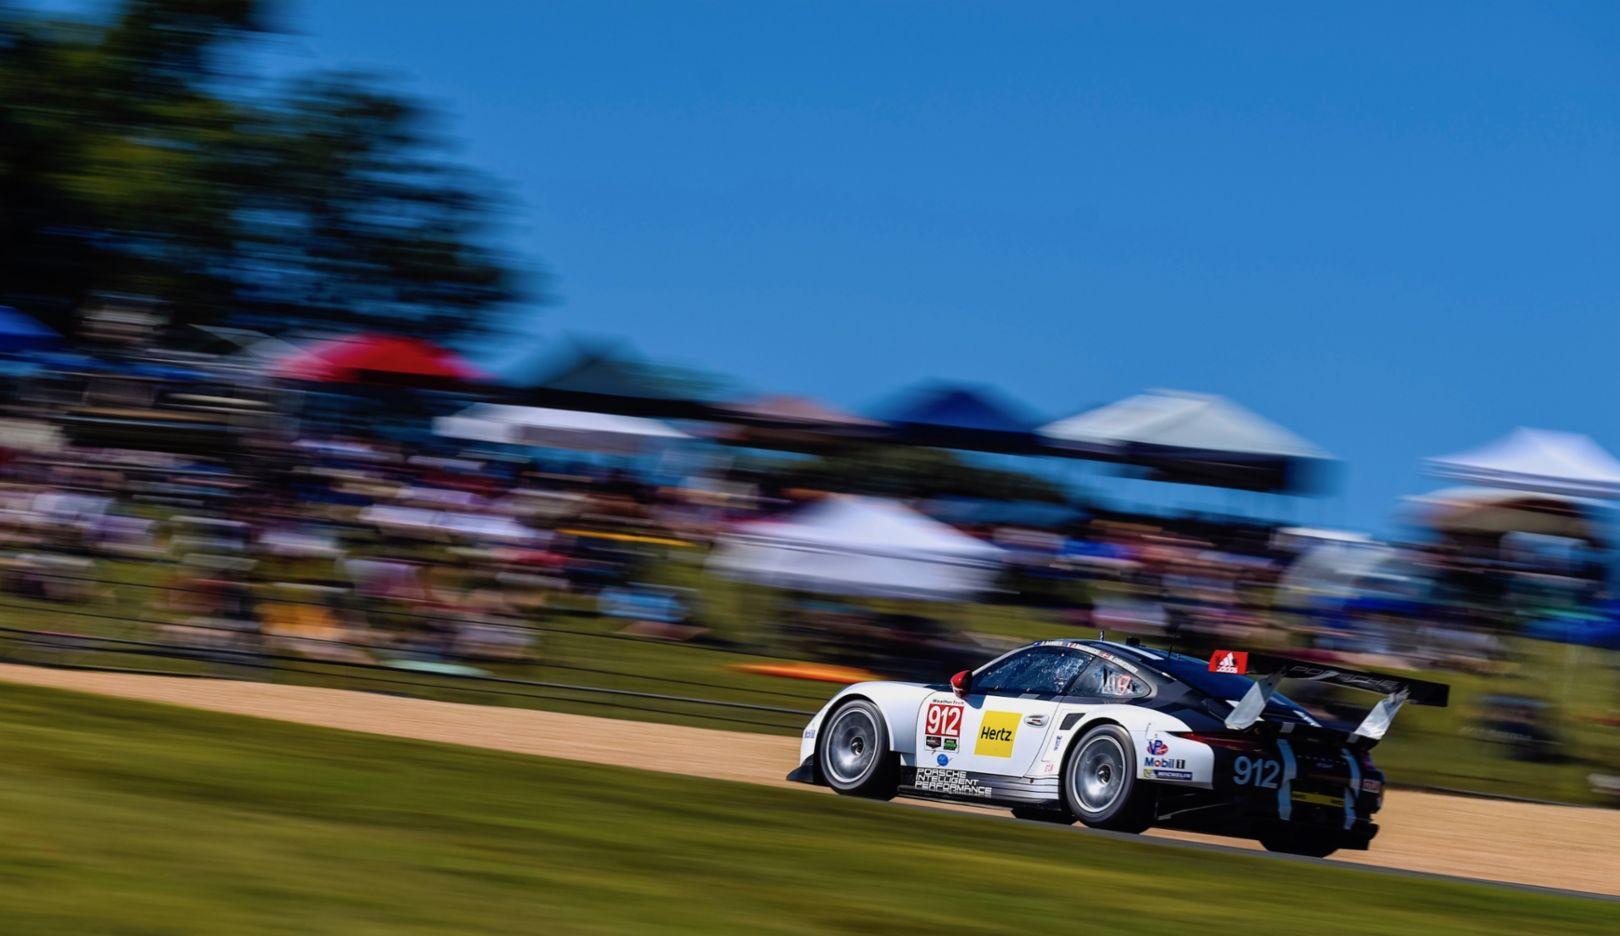 911 RSR, IMSA SportsCar Championship, Road Atlanta, 2016, Porsche AG